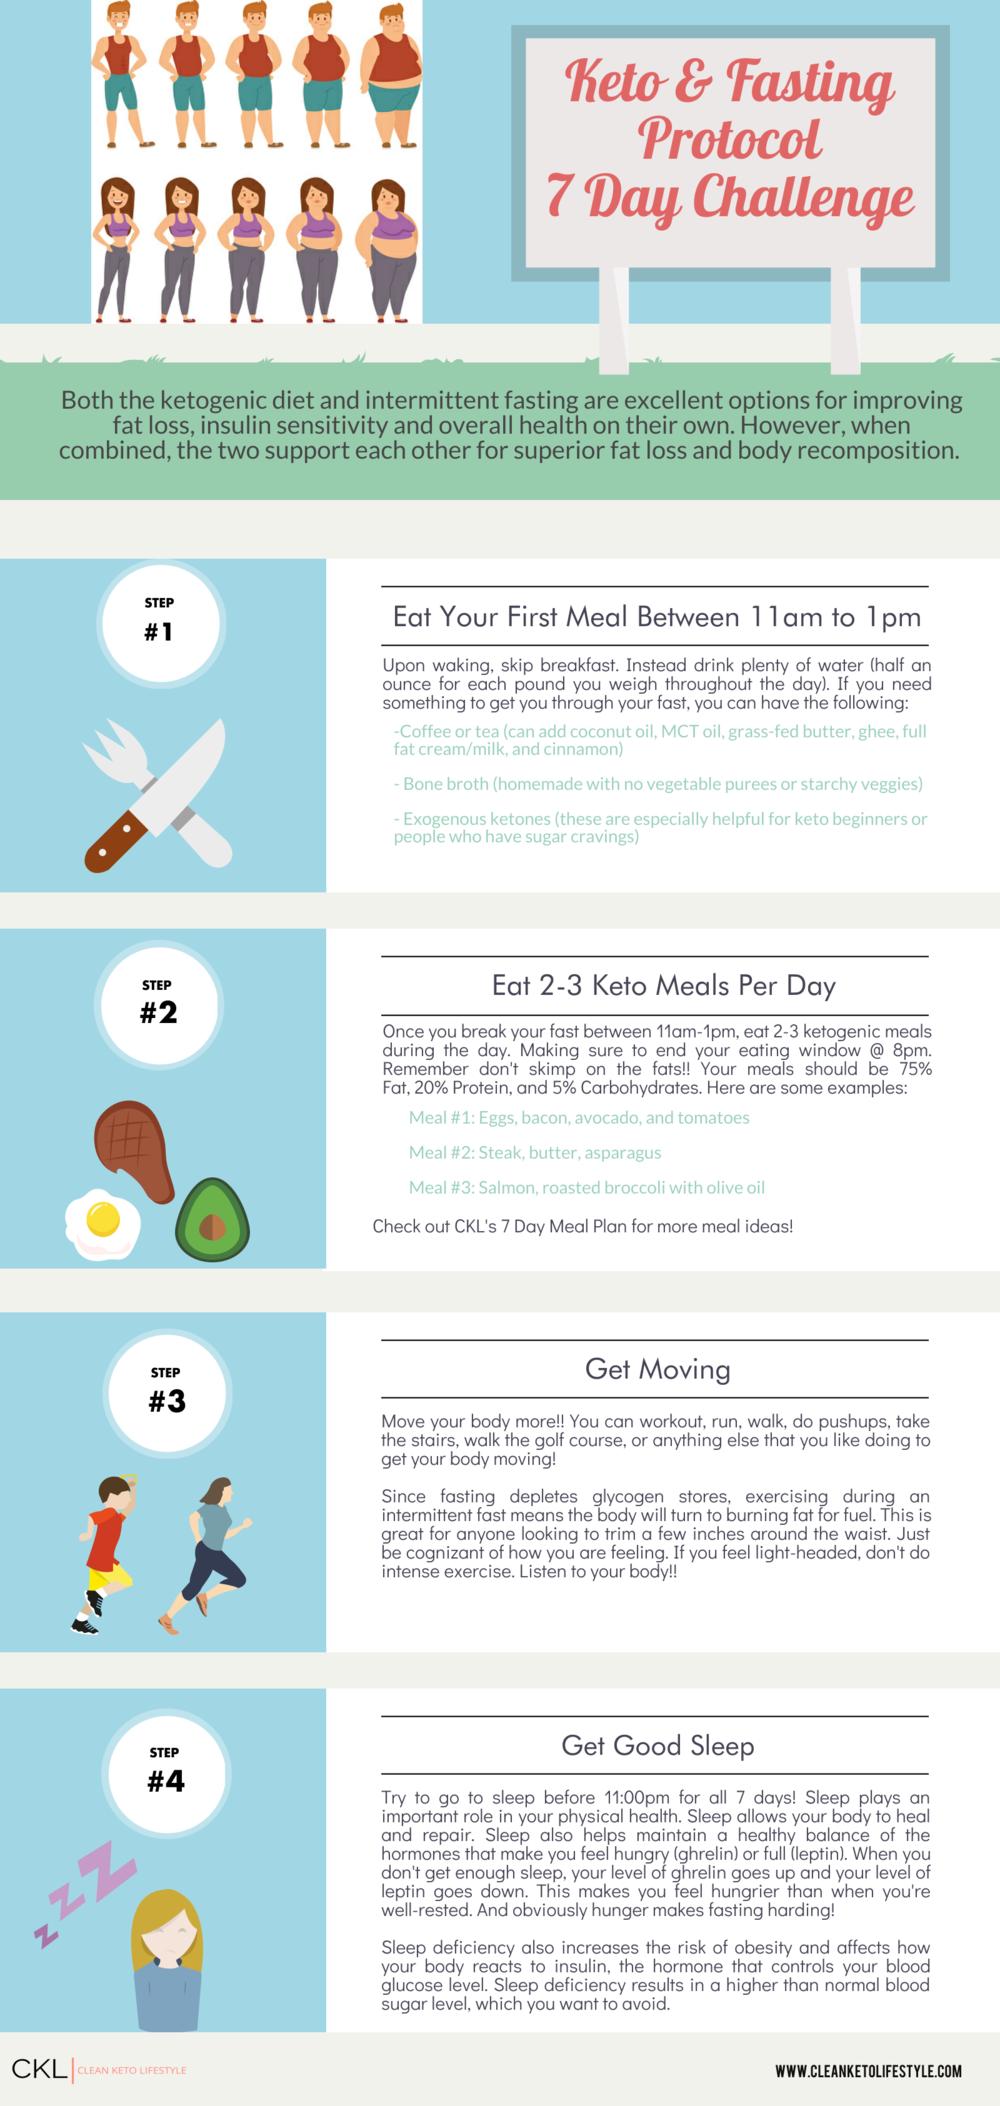 7 Day Keto Intermittent Fasting Protocol